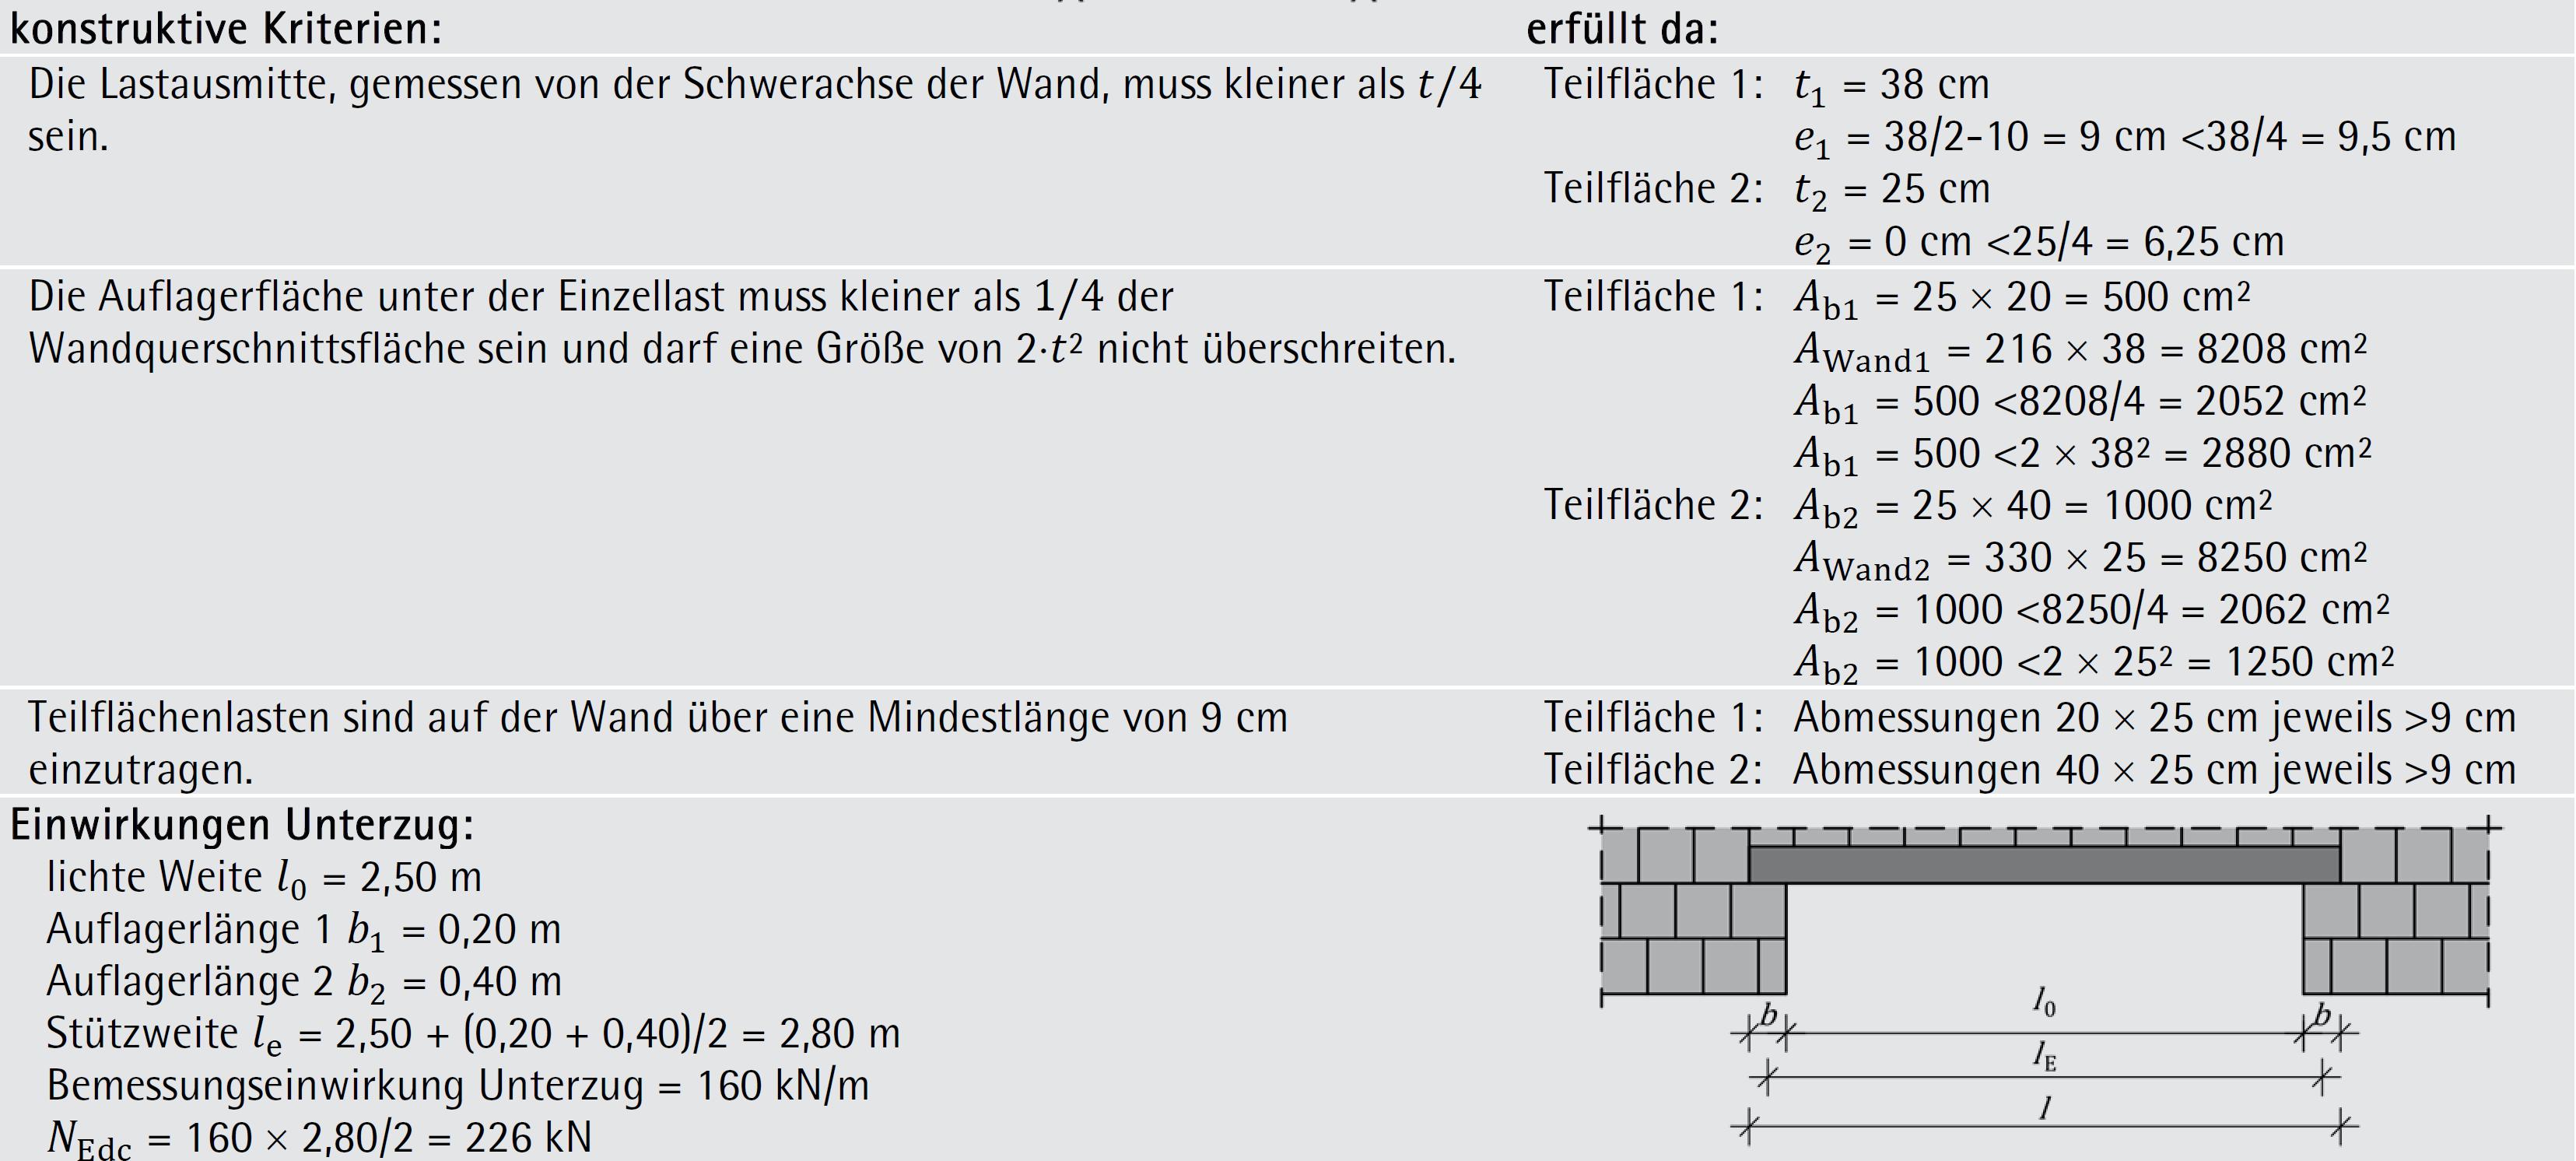 Beispiel 6-05: Teilflächenpressung – Nachweis nach ÖNORM EN 1996-3 (Teil 2/3)